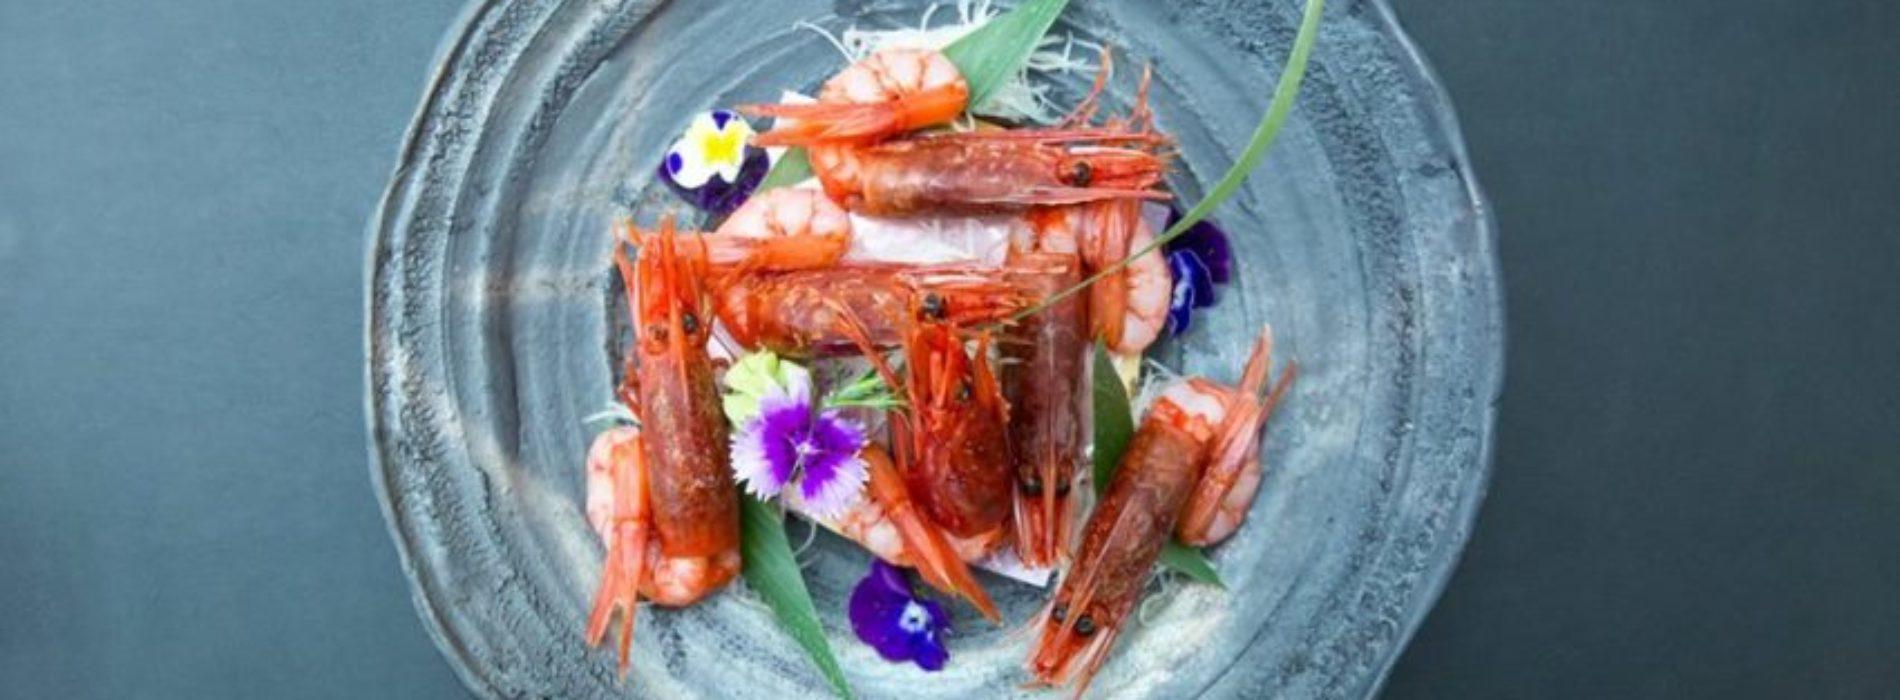 I migliori ristoranti giapponesi di Roma: dieci indirizzi di cucina tradizionale nipponica